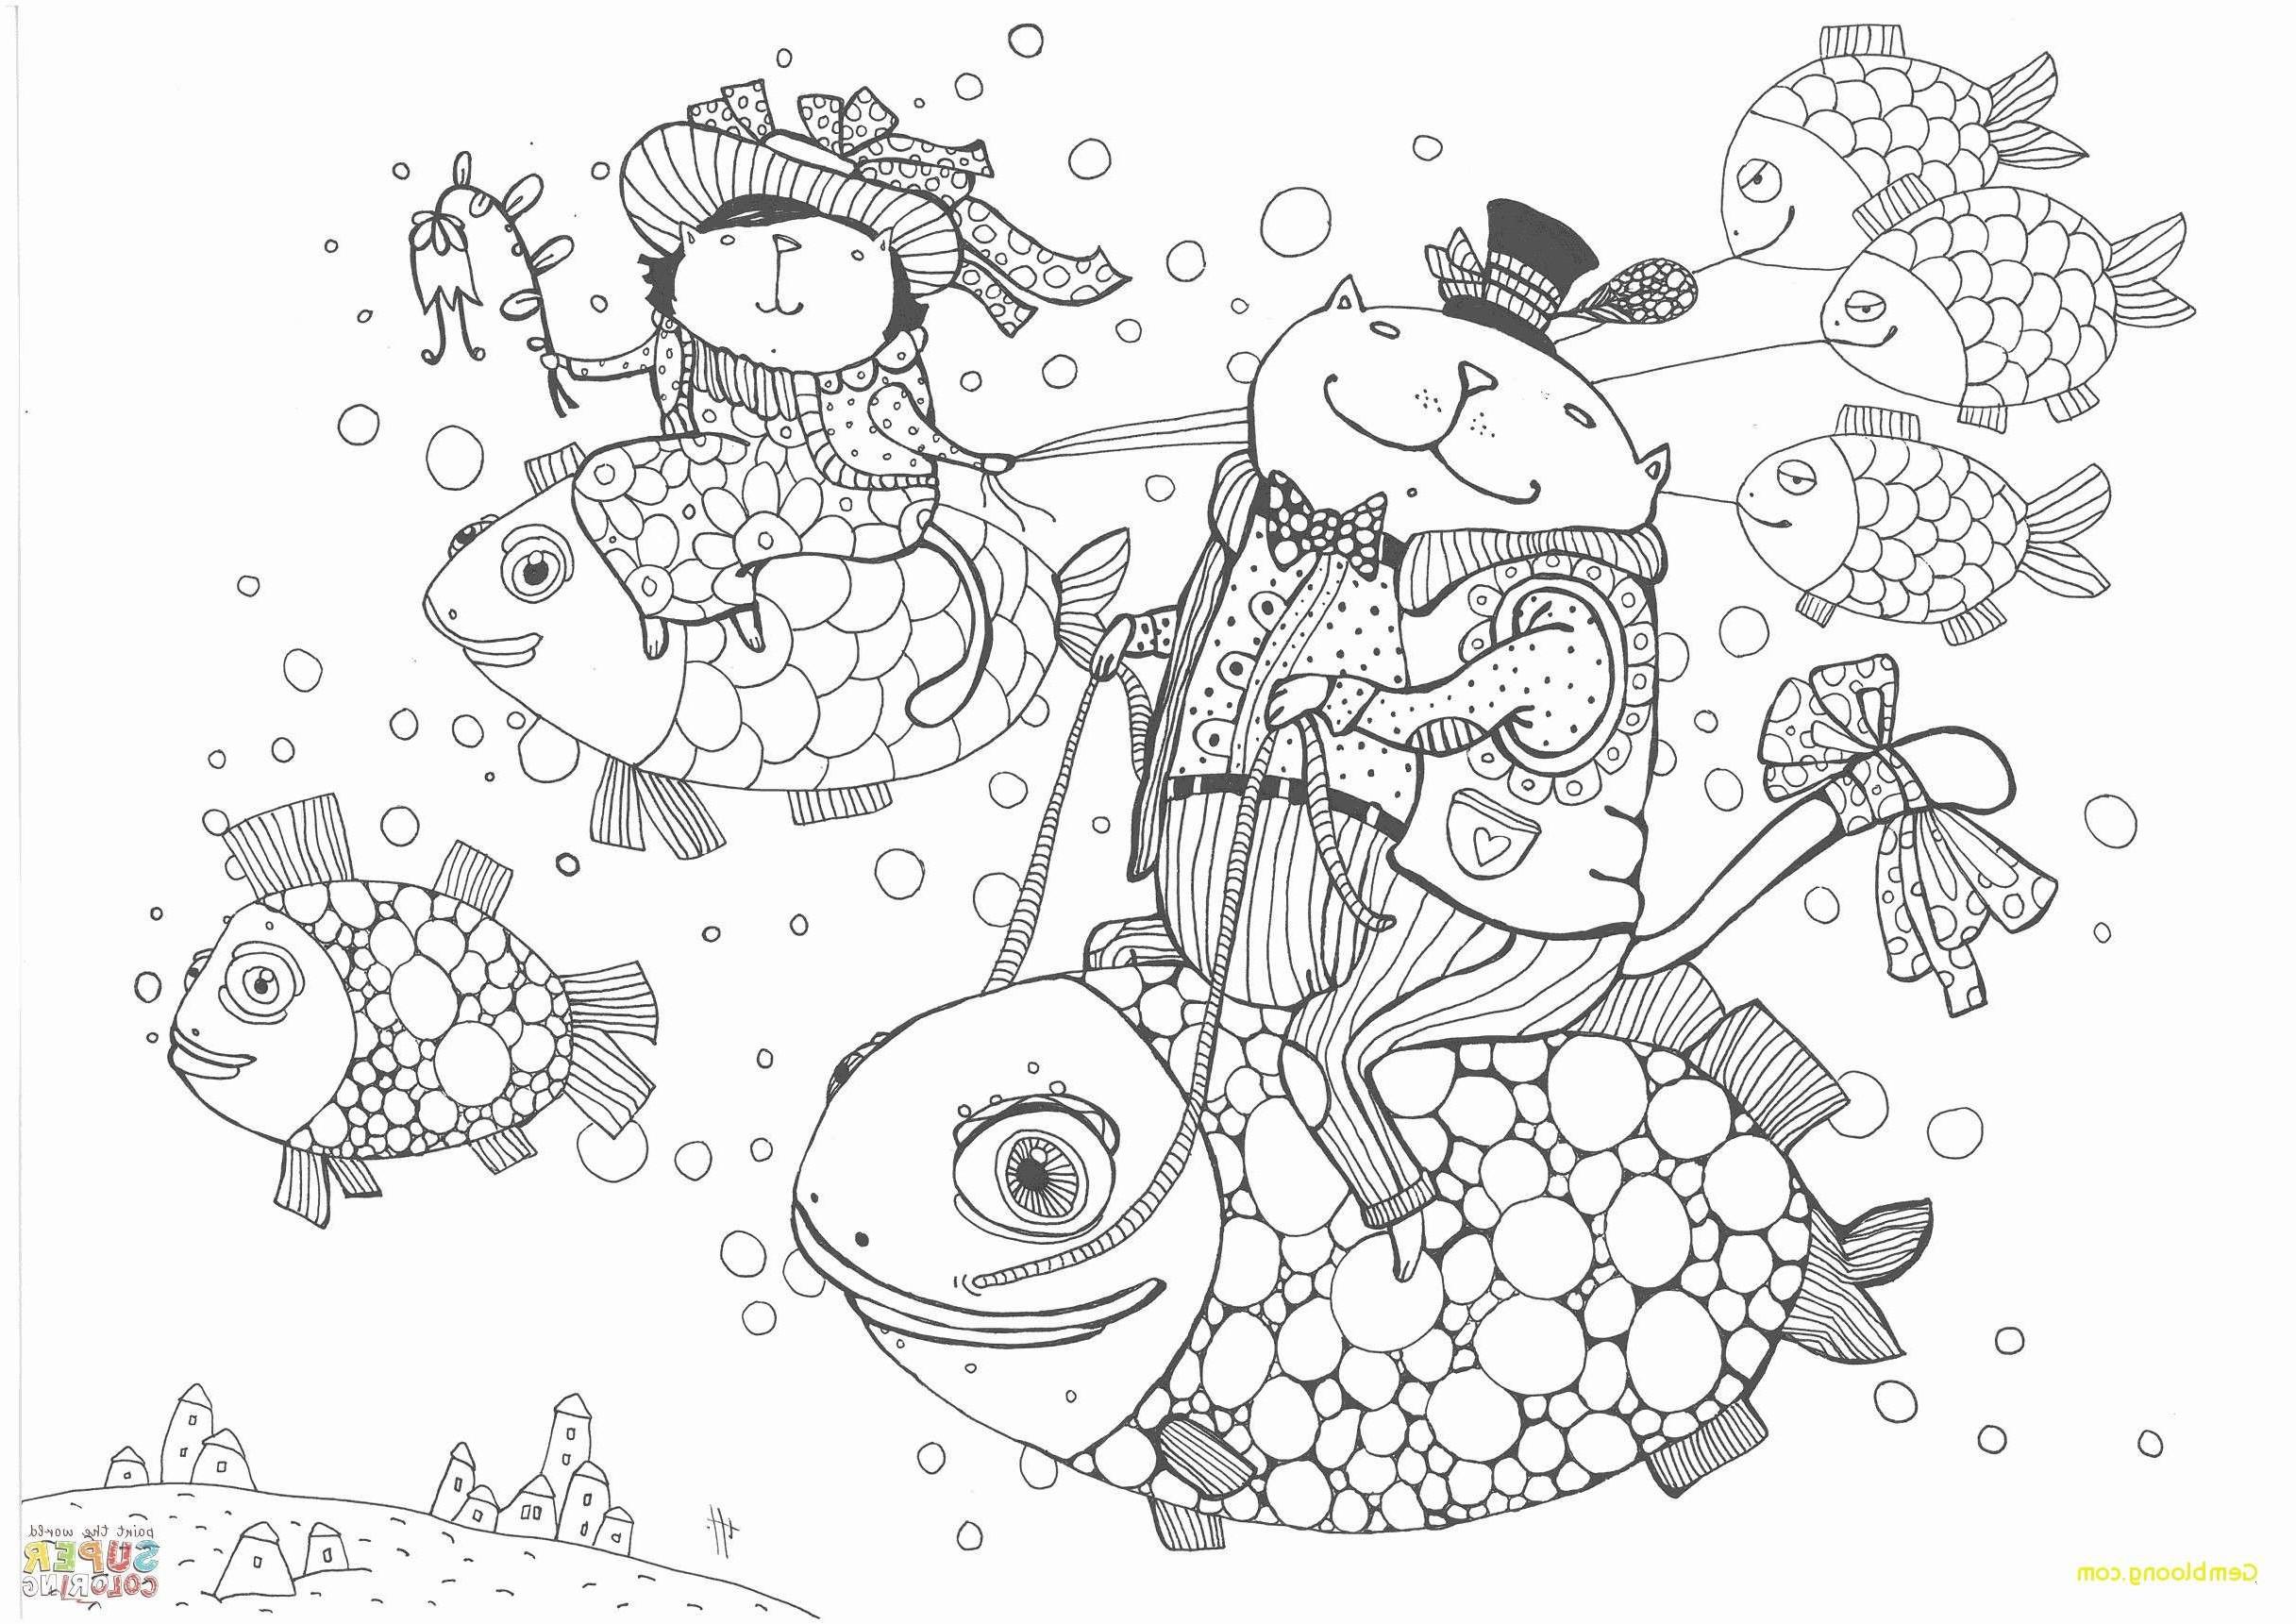 Minion Zum Ausmalen Das Beste Von 25 Frisch Minion Malvorlage – Malvorlagen Ideen Bild